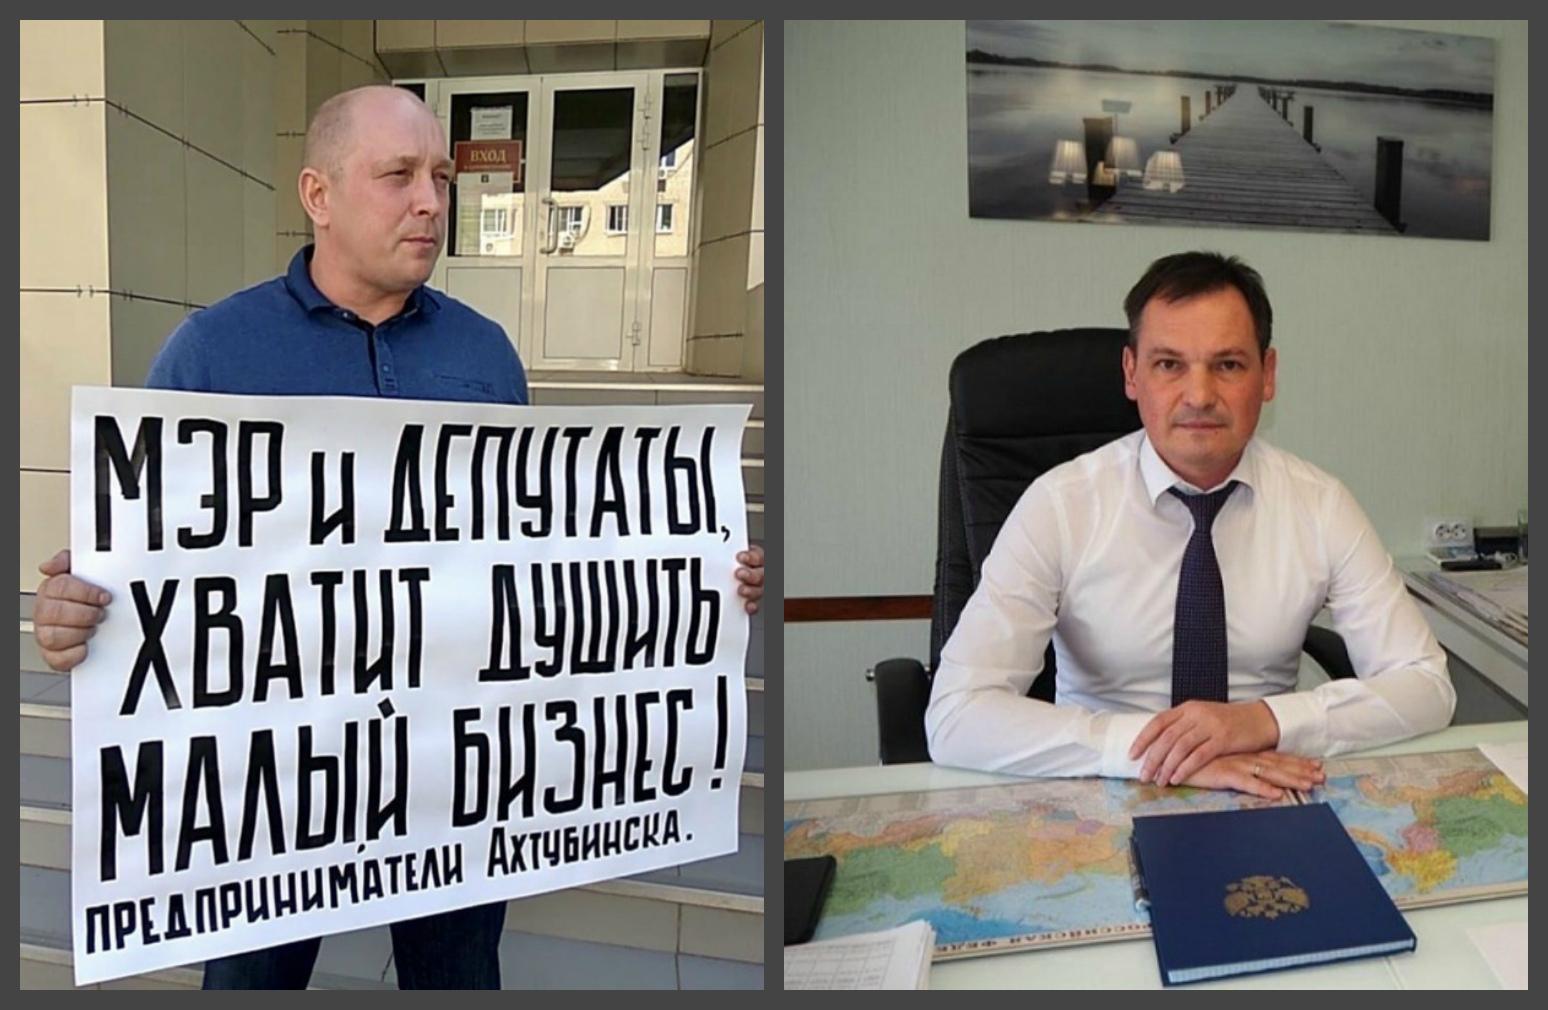 Сергей Заблоцкий прокомментировал пикет малого бизнеса в Ахтубинске